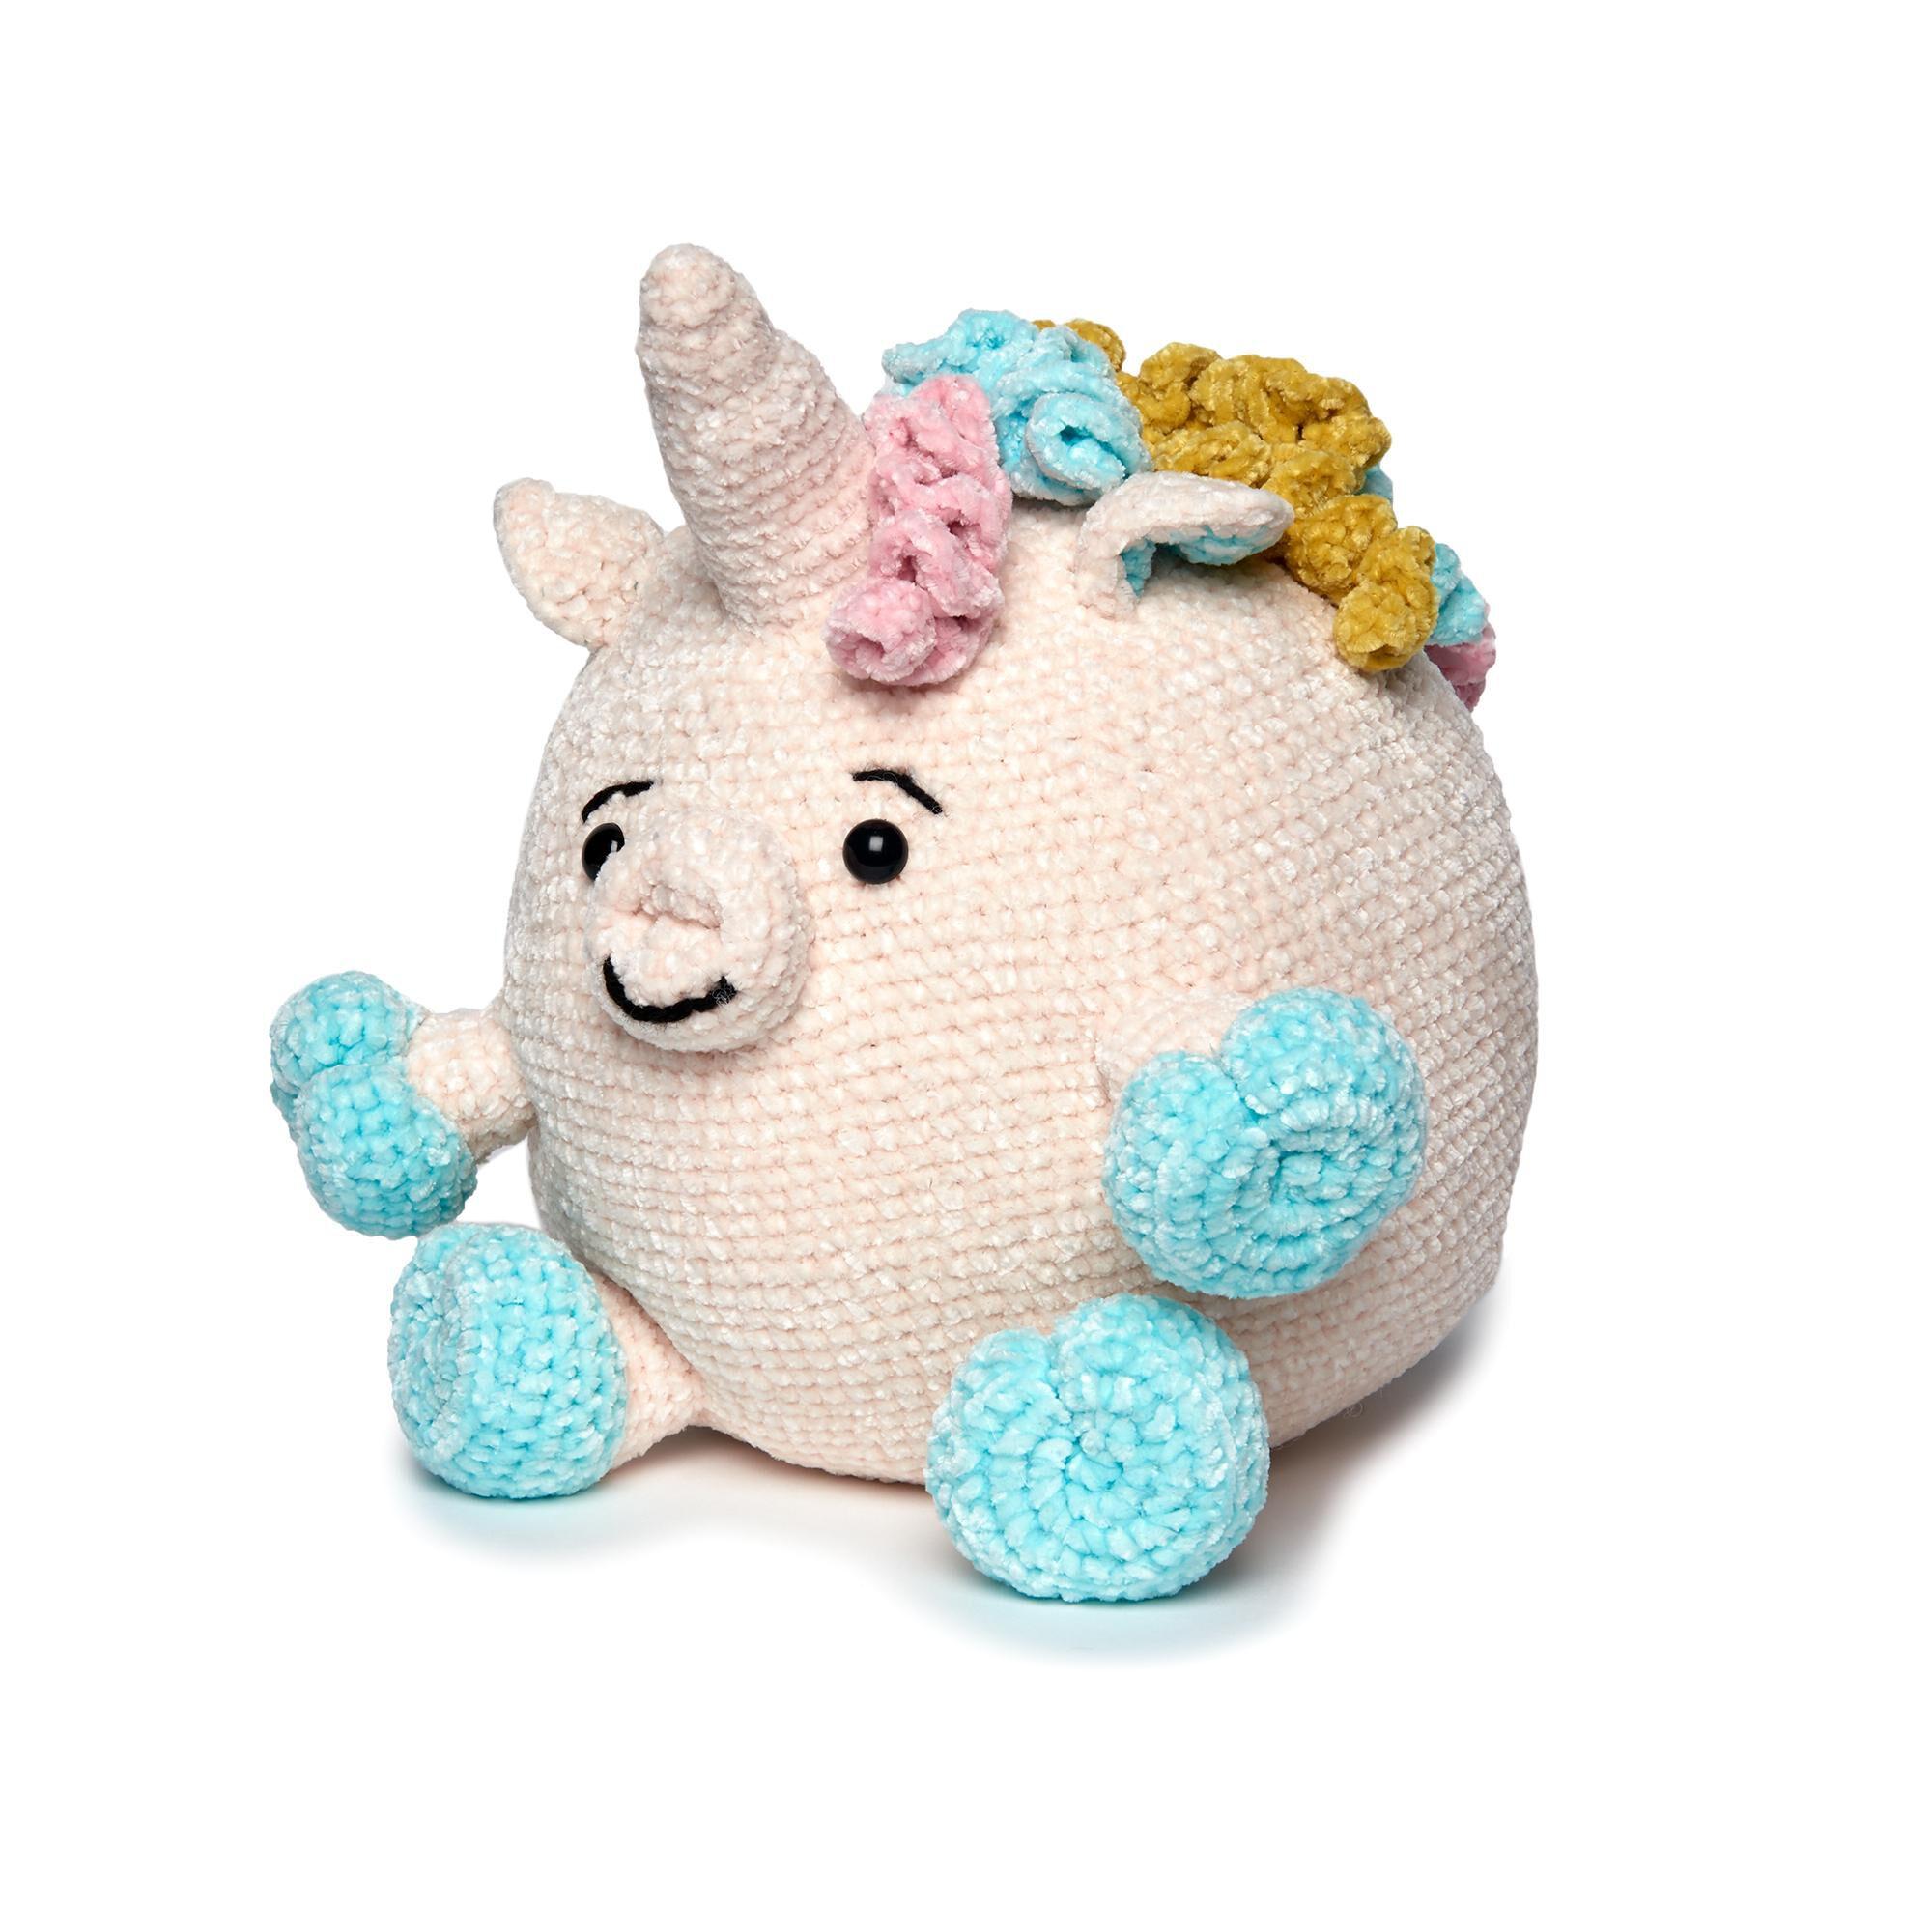 Easy Velvet Infinity Scarf Crochet Pattern | Hooked on Homemade ... | 2000x2000